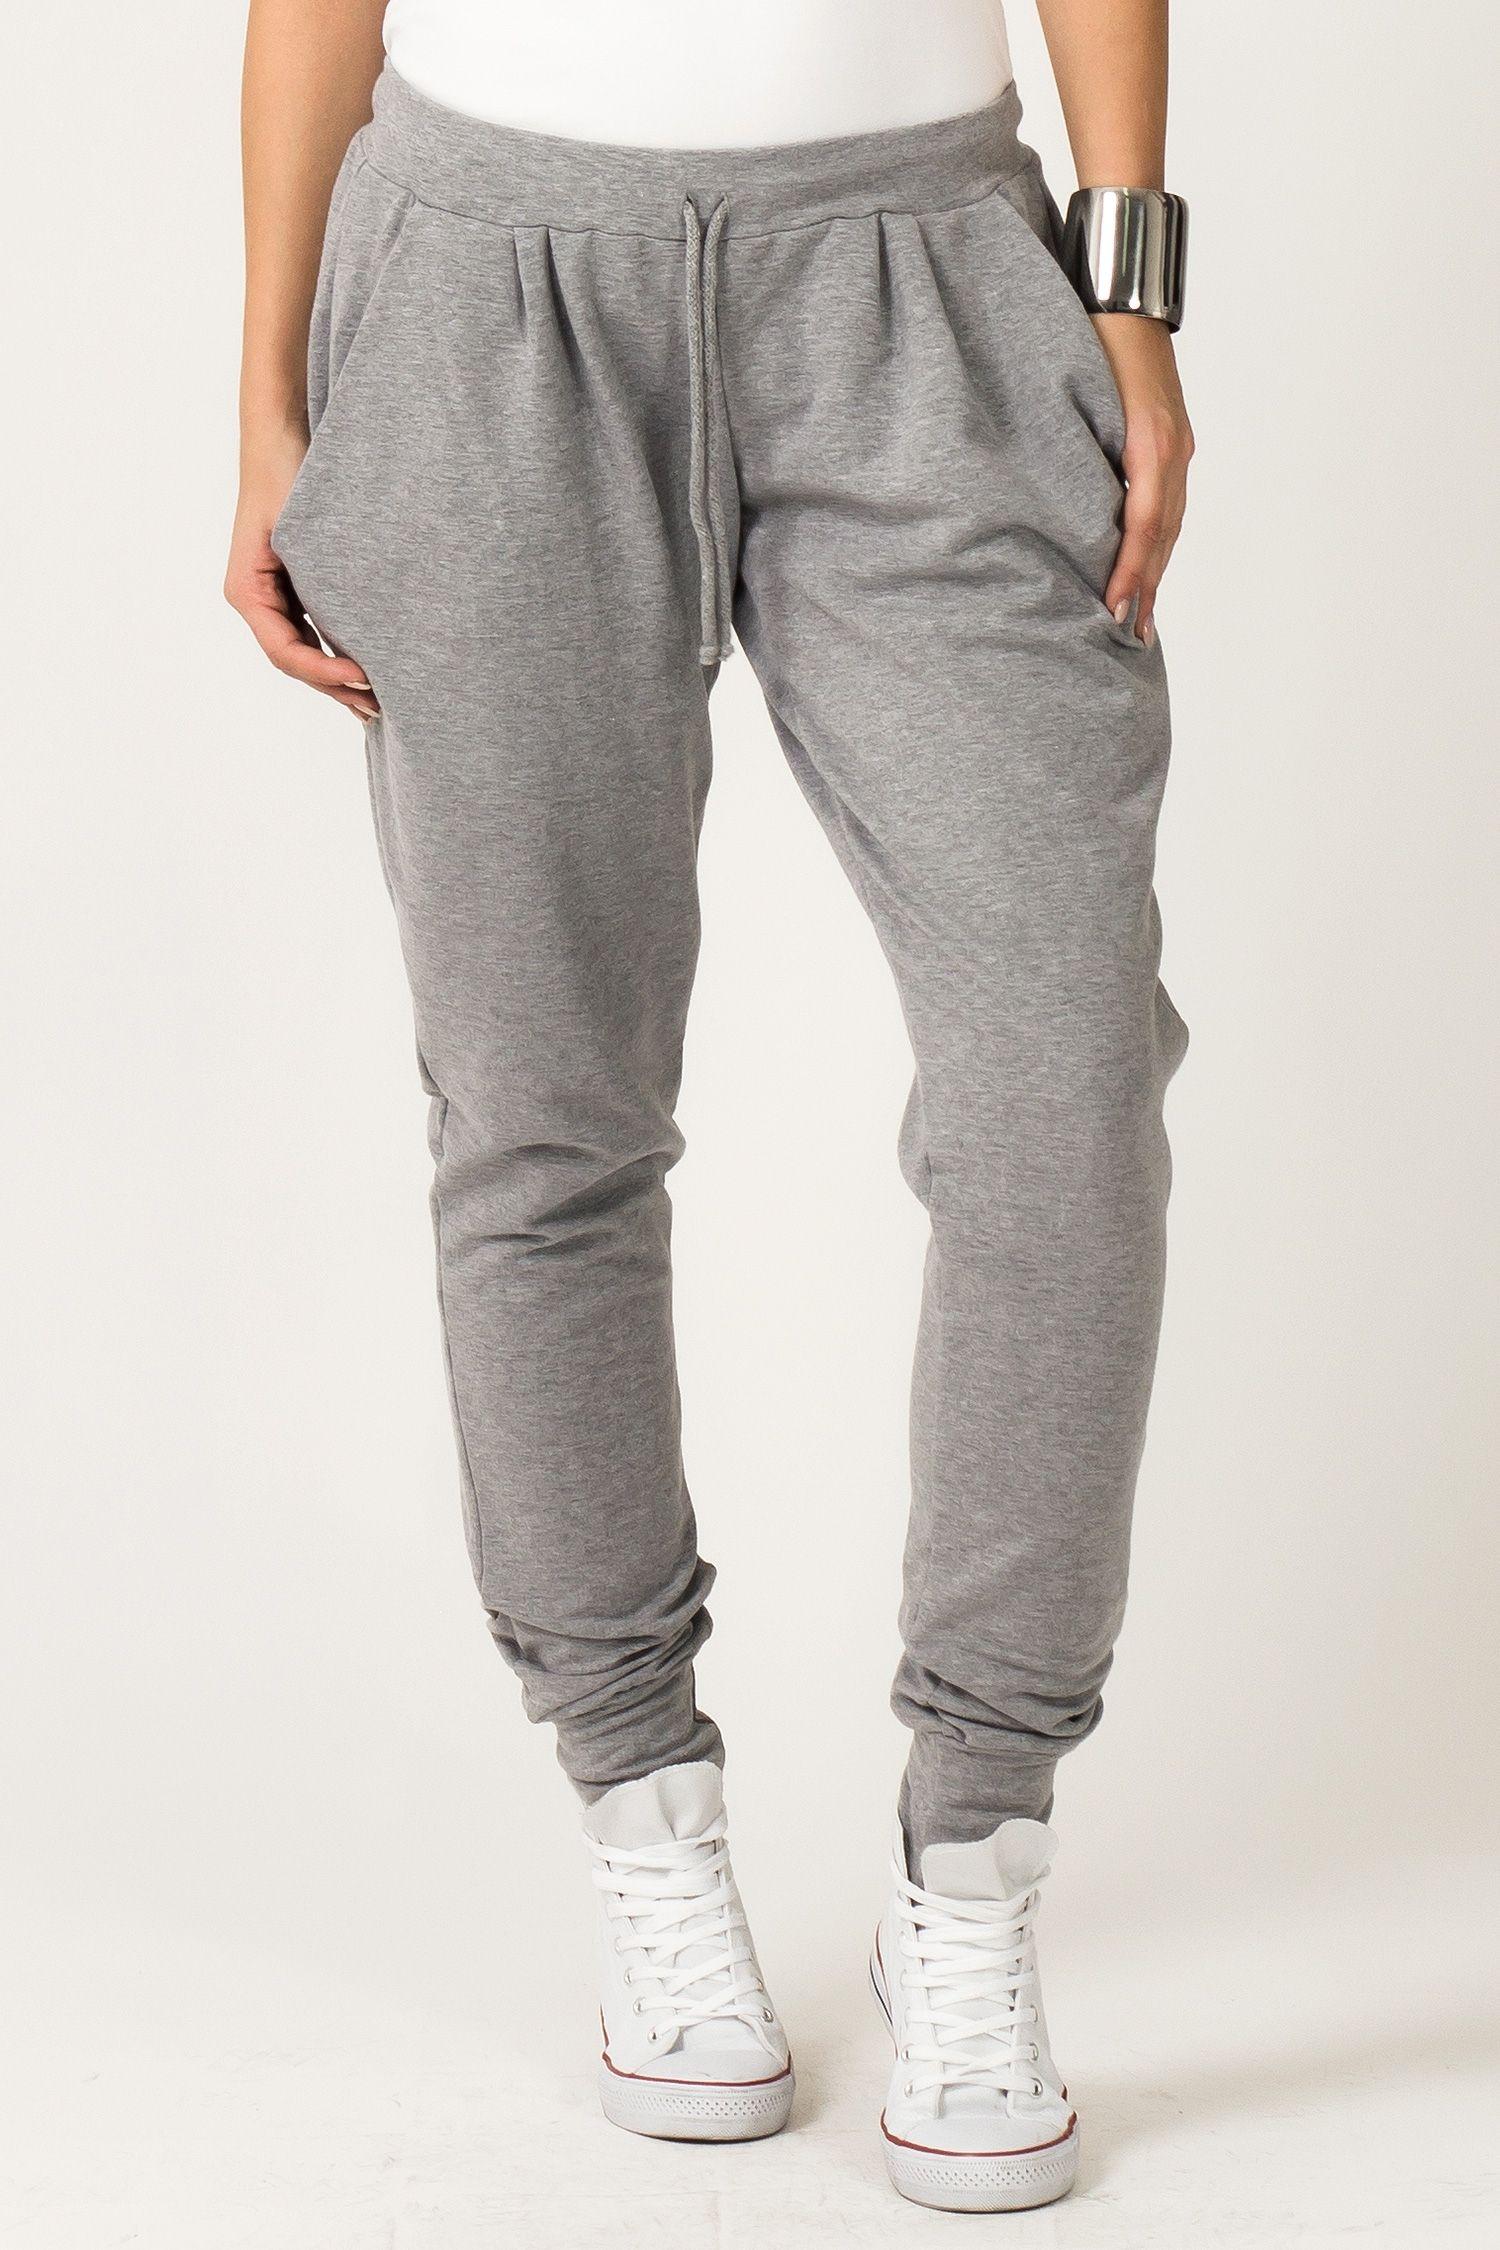 Http Galeriaeuropa Eu Spodnie Dresowe 600136109 Spodnie Damskie Model Alina 2 Light Grey Tracksuit Fashion Trousers